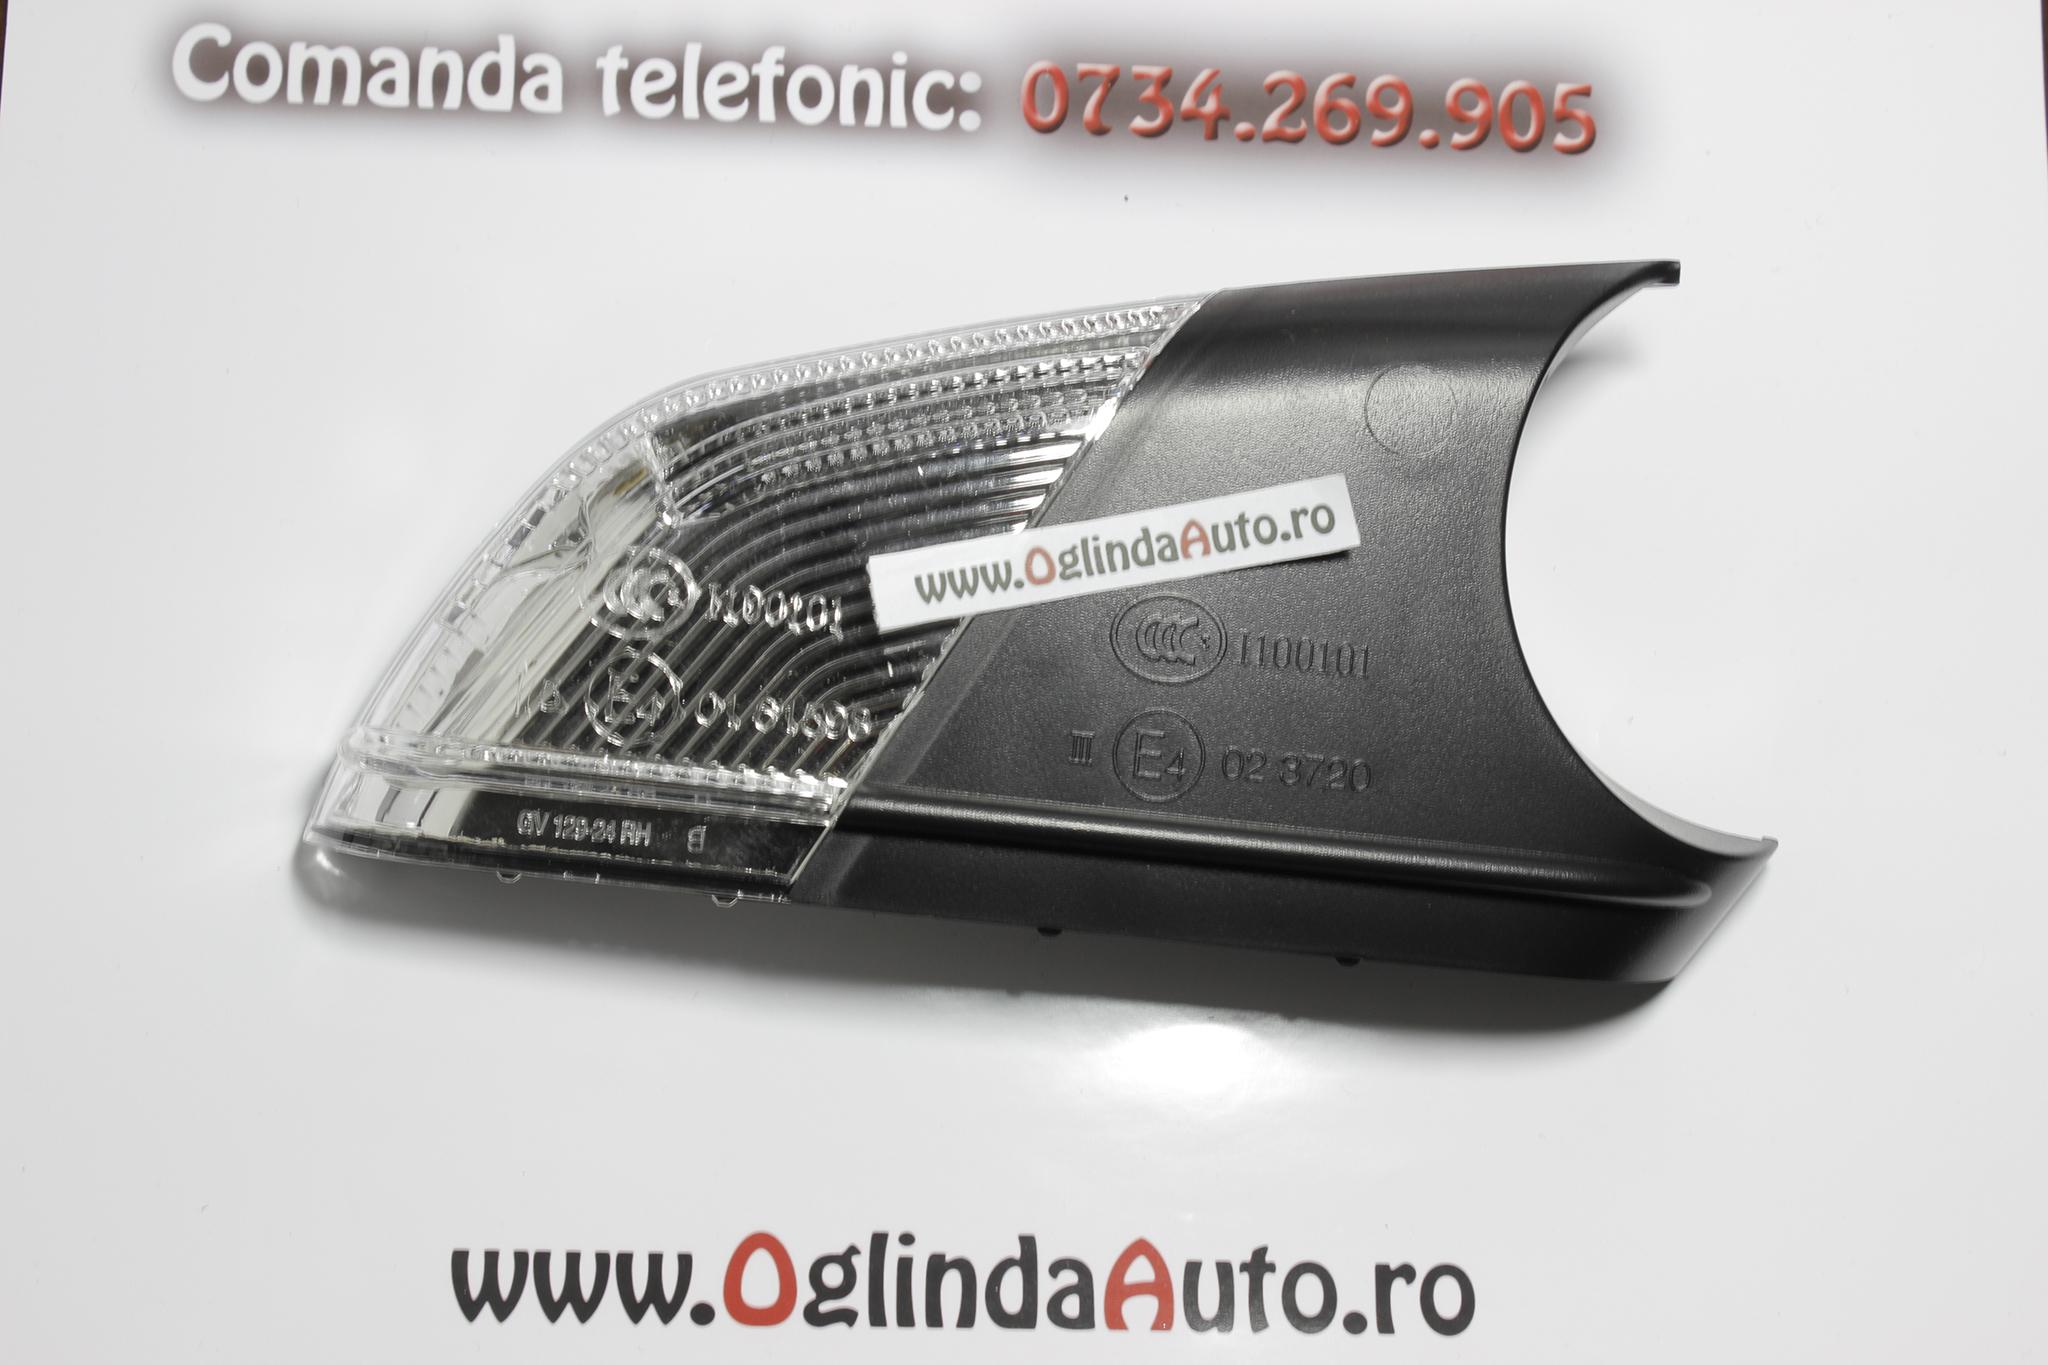 Semnalizare oglinda dreapta VW Polo 2005-2009